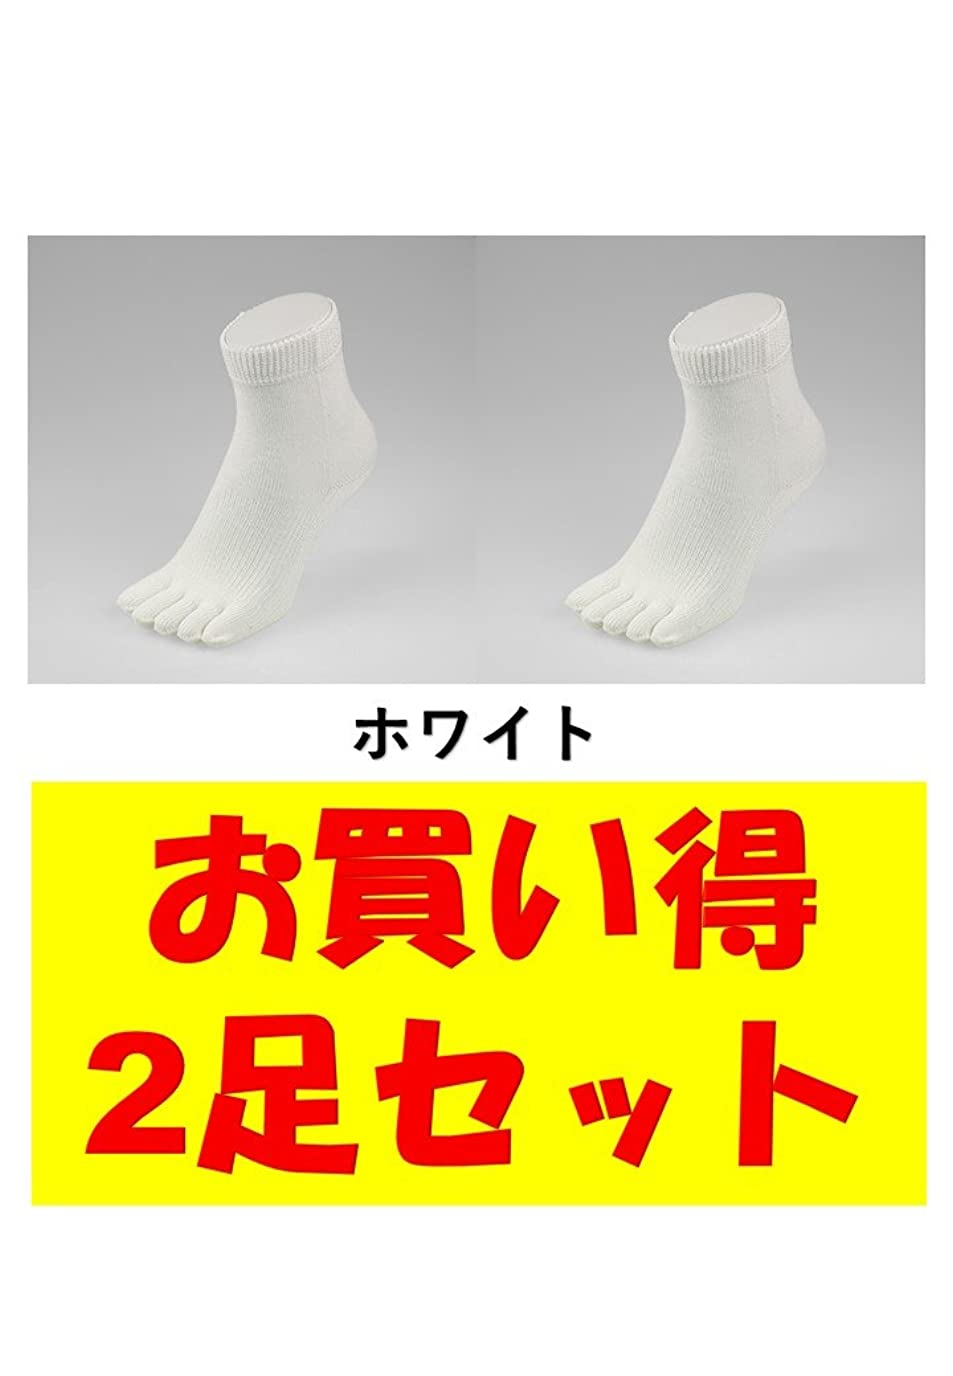 作る買い手アーチお買い得2足セット 5本指 ゆびのばソックス Neo EVE(イヴ) ホワイト Sサイズ(21.0cm - 24.0cm) YSNEVE-WHT